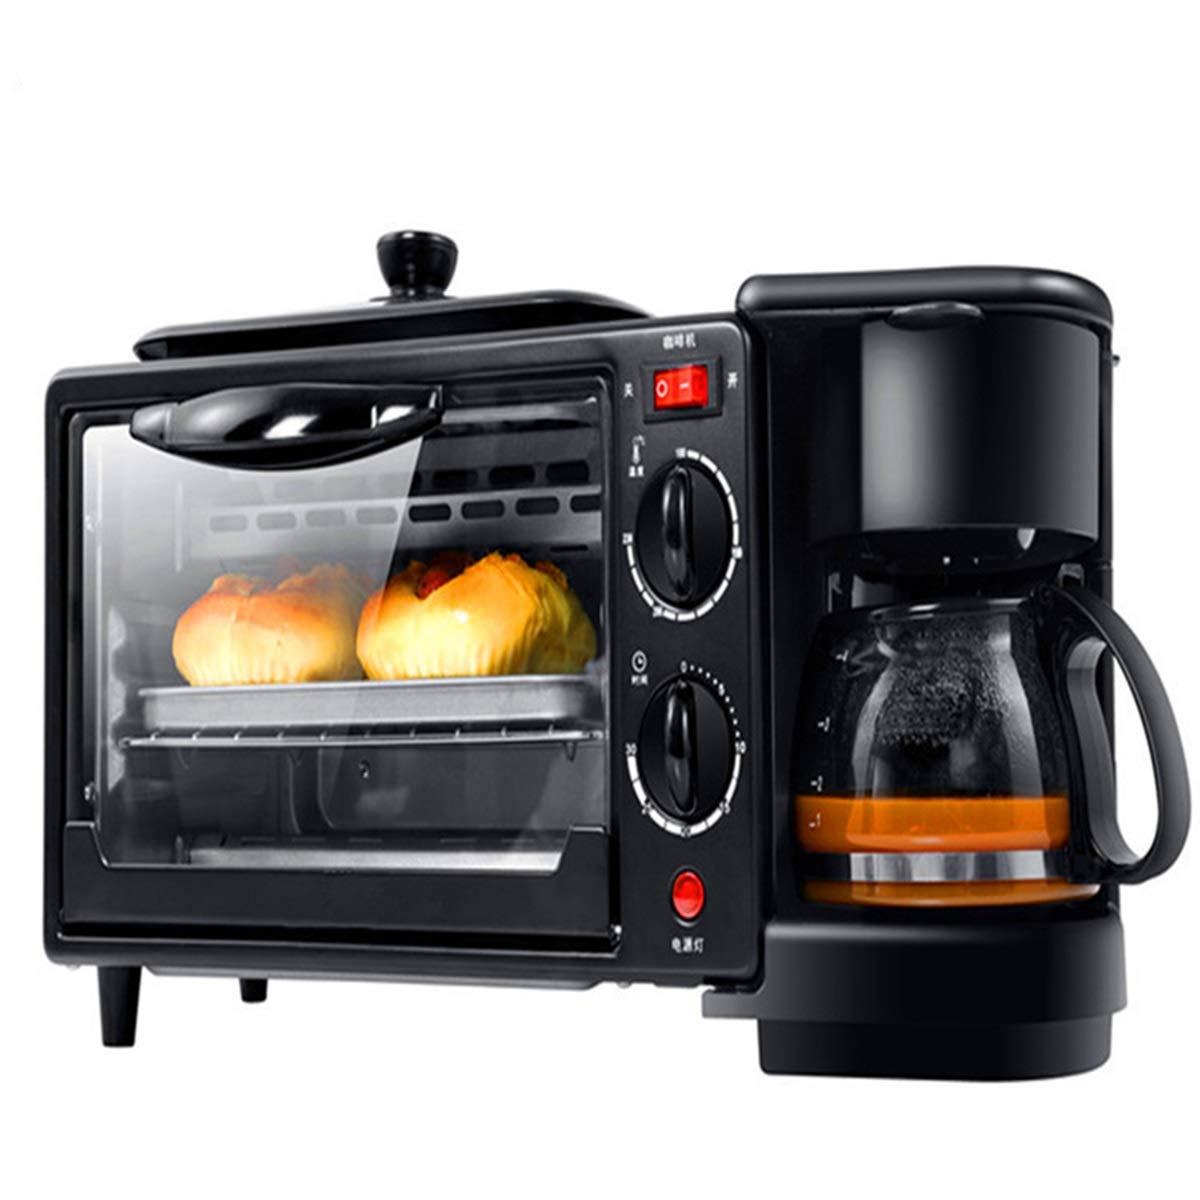 HARDY-YI ミニオーブン B07QPGQBTR - 多機能オーブンの朝食機ホーム3-1 - ミニオーブン - コーヒートースターミニ電気オーブンオムレツ B07QPGQBTR, ノツハルマチ:e310b351 --- ijpba.info